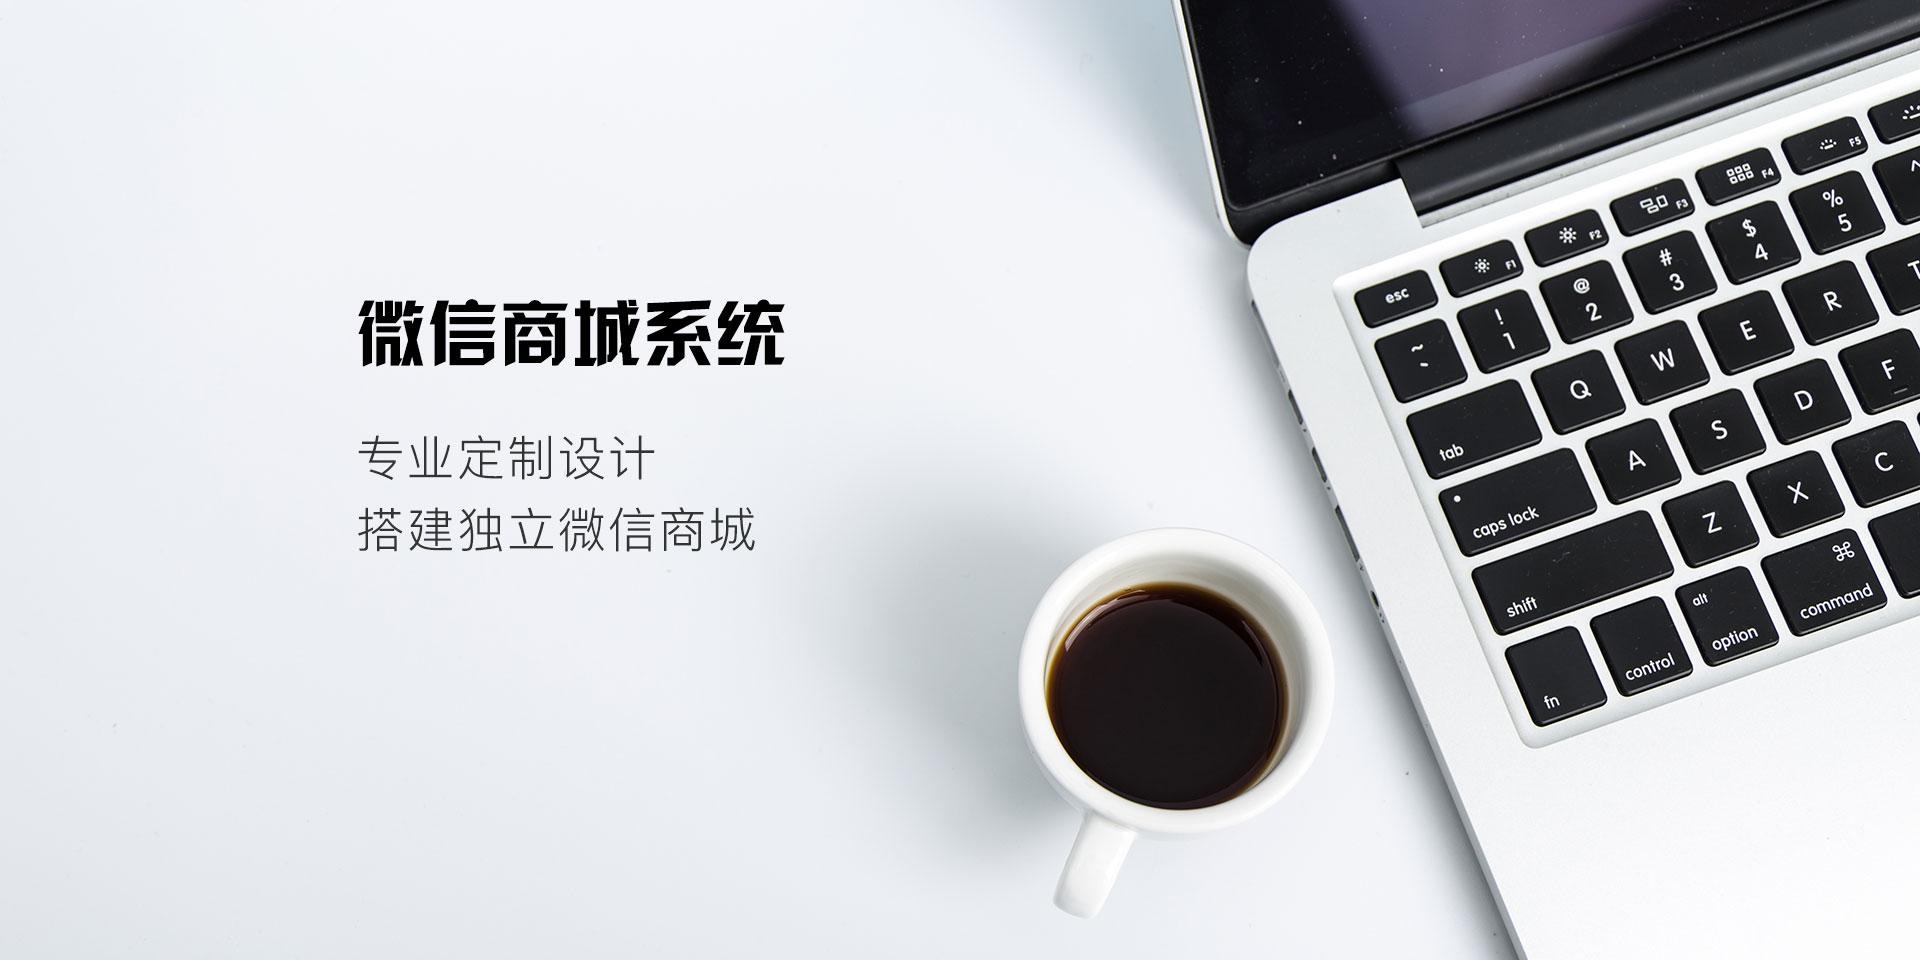 伊春微信小程序开发